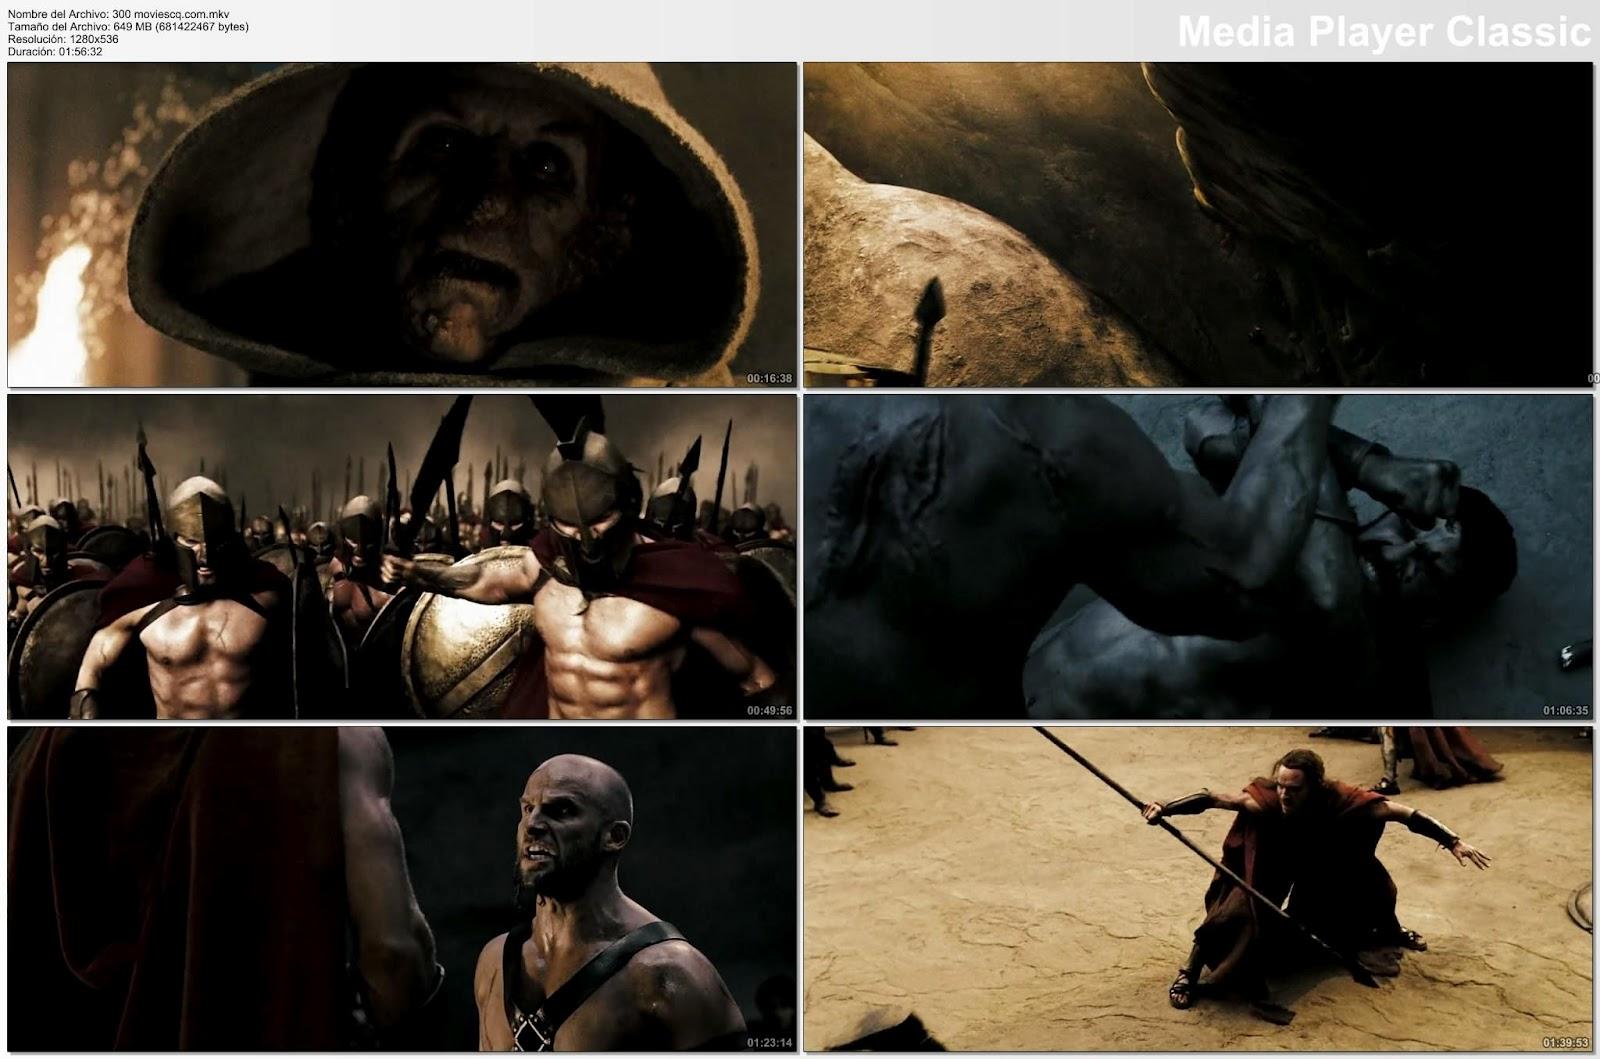 http://1.bp.blogspot.com/-KEPHL31_3ik/T1VbXsGyWoI/AAAAAAAACGk/bIQQBsrBqlk/s1600/300+moviescq.com.mkv_thumbs_%255B2012.03.05_11.46.00%255D.jpg